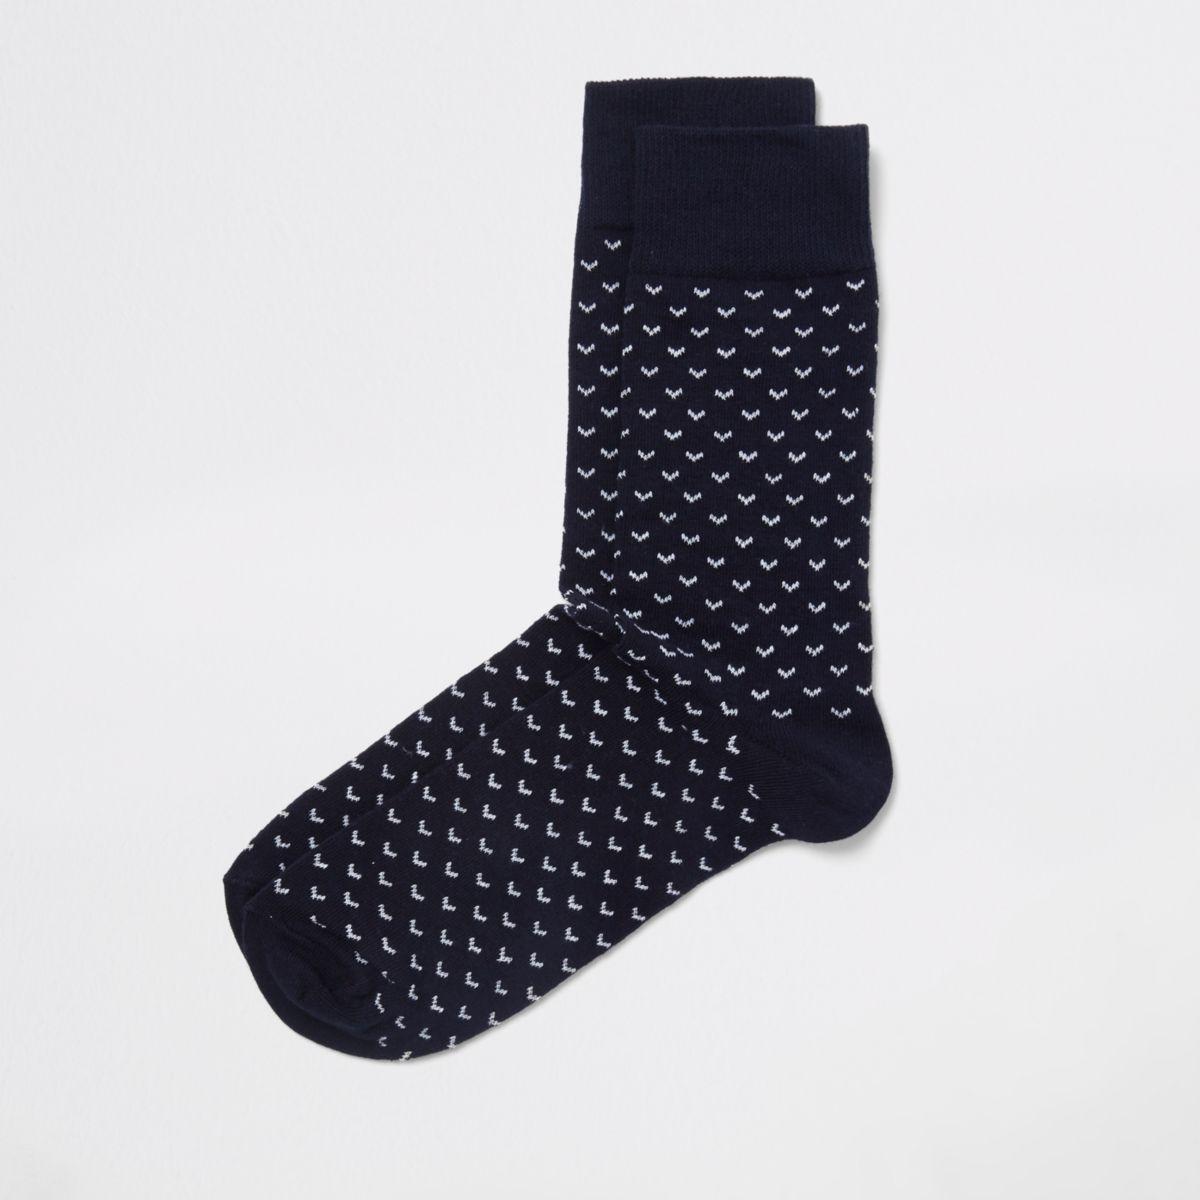 Navy chevron socks